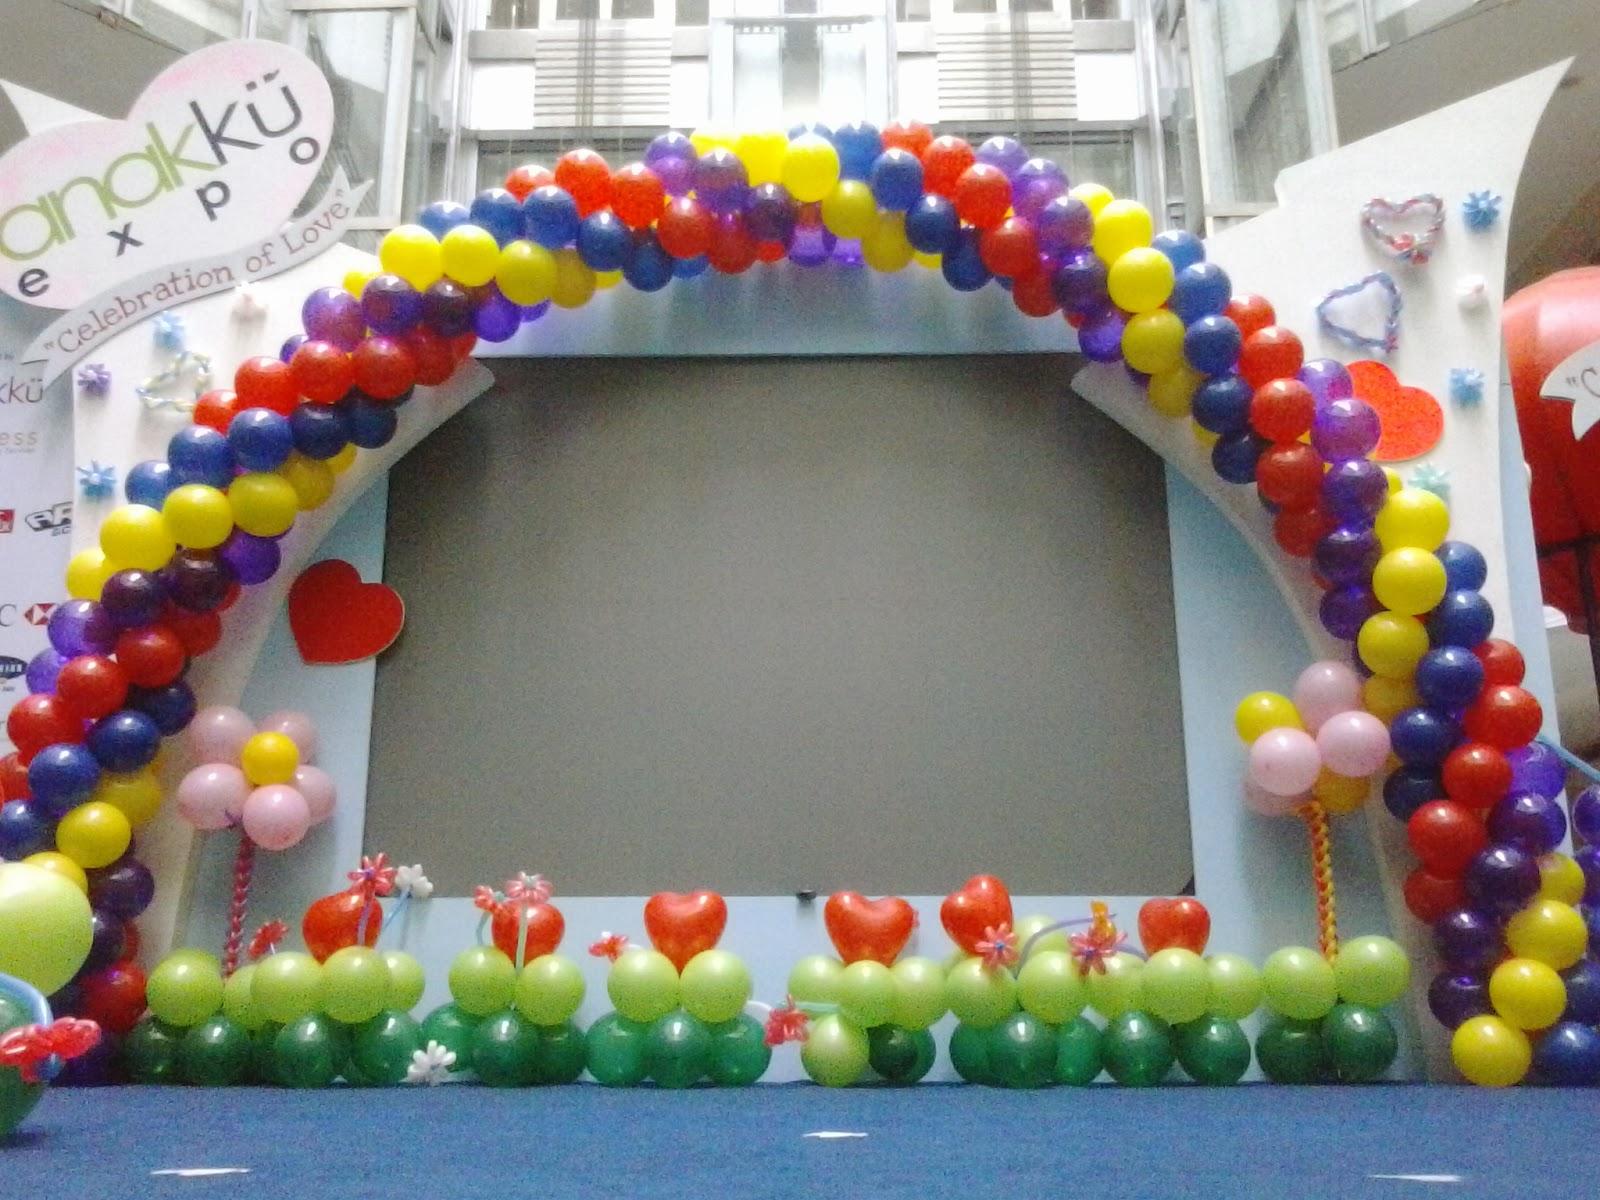 Dekorasi balon ulang tahun murah jakarta for Dekor 17 agustus di hotel